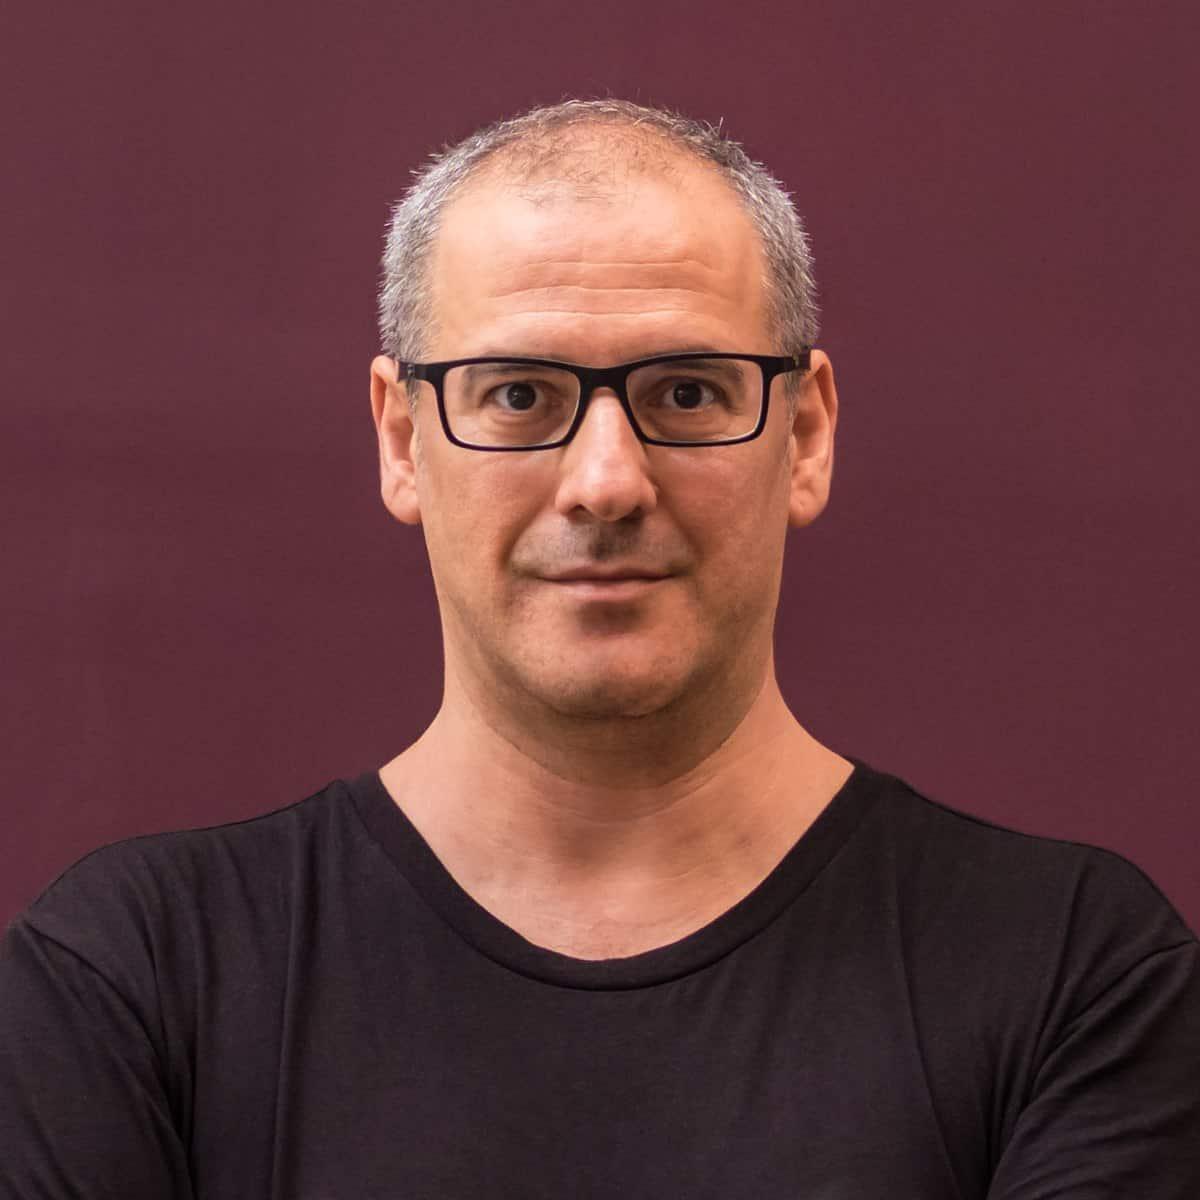 Gianni-Bianchini-Headshot